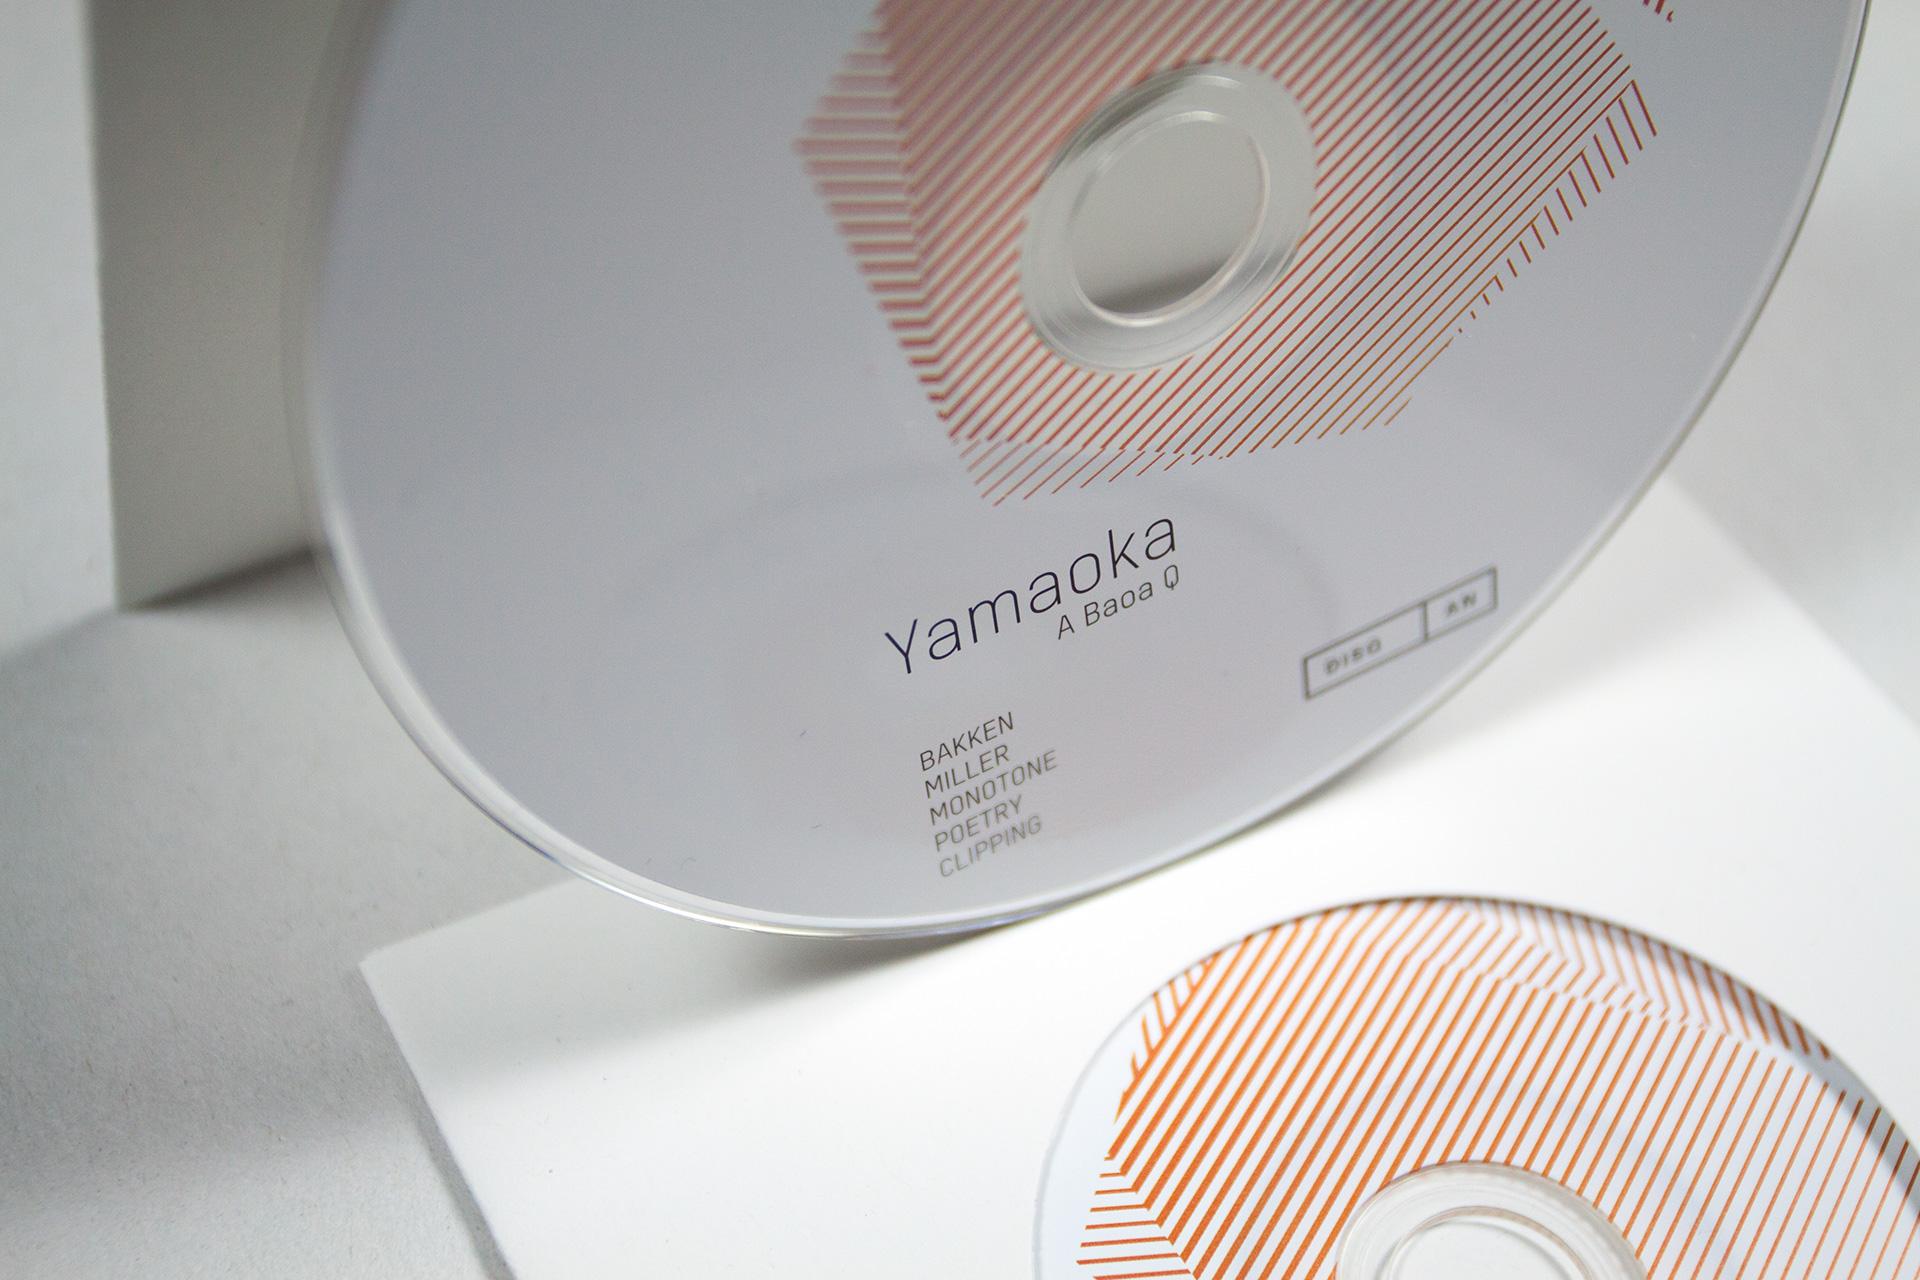 yamaoka-buero-ink-3